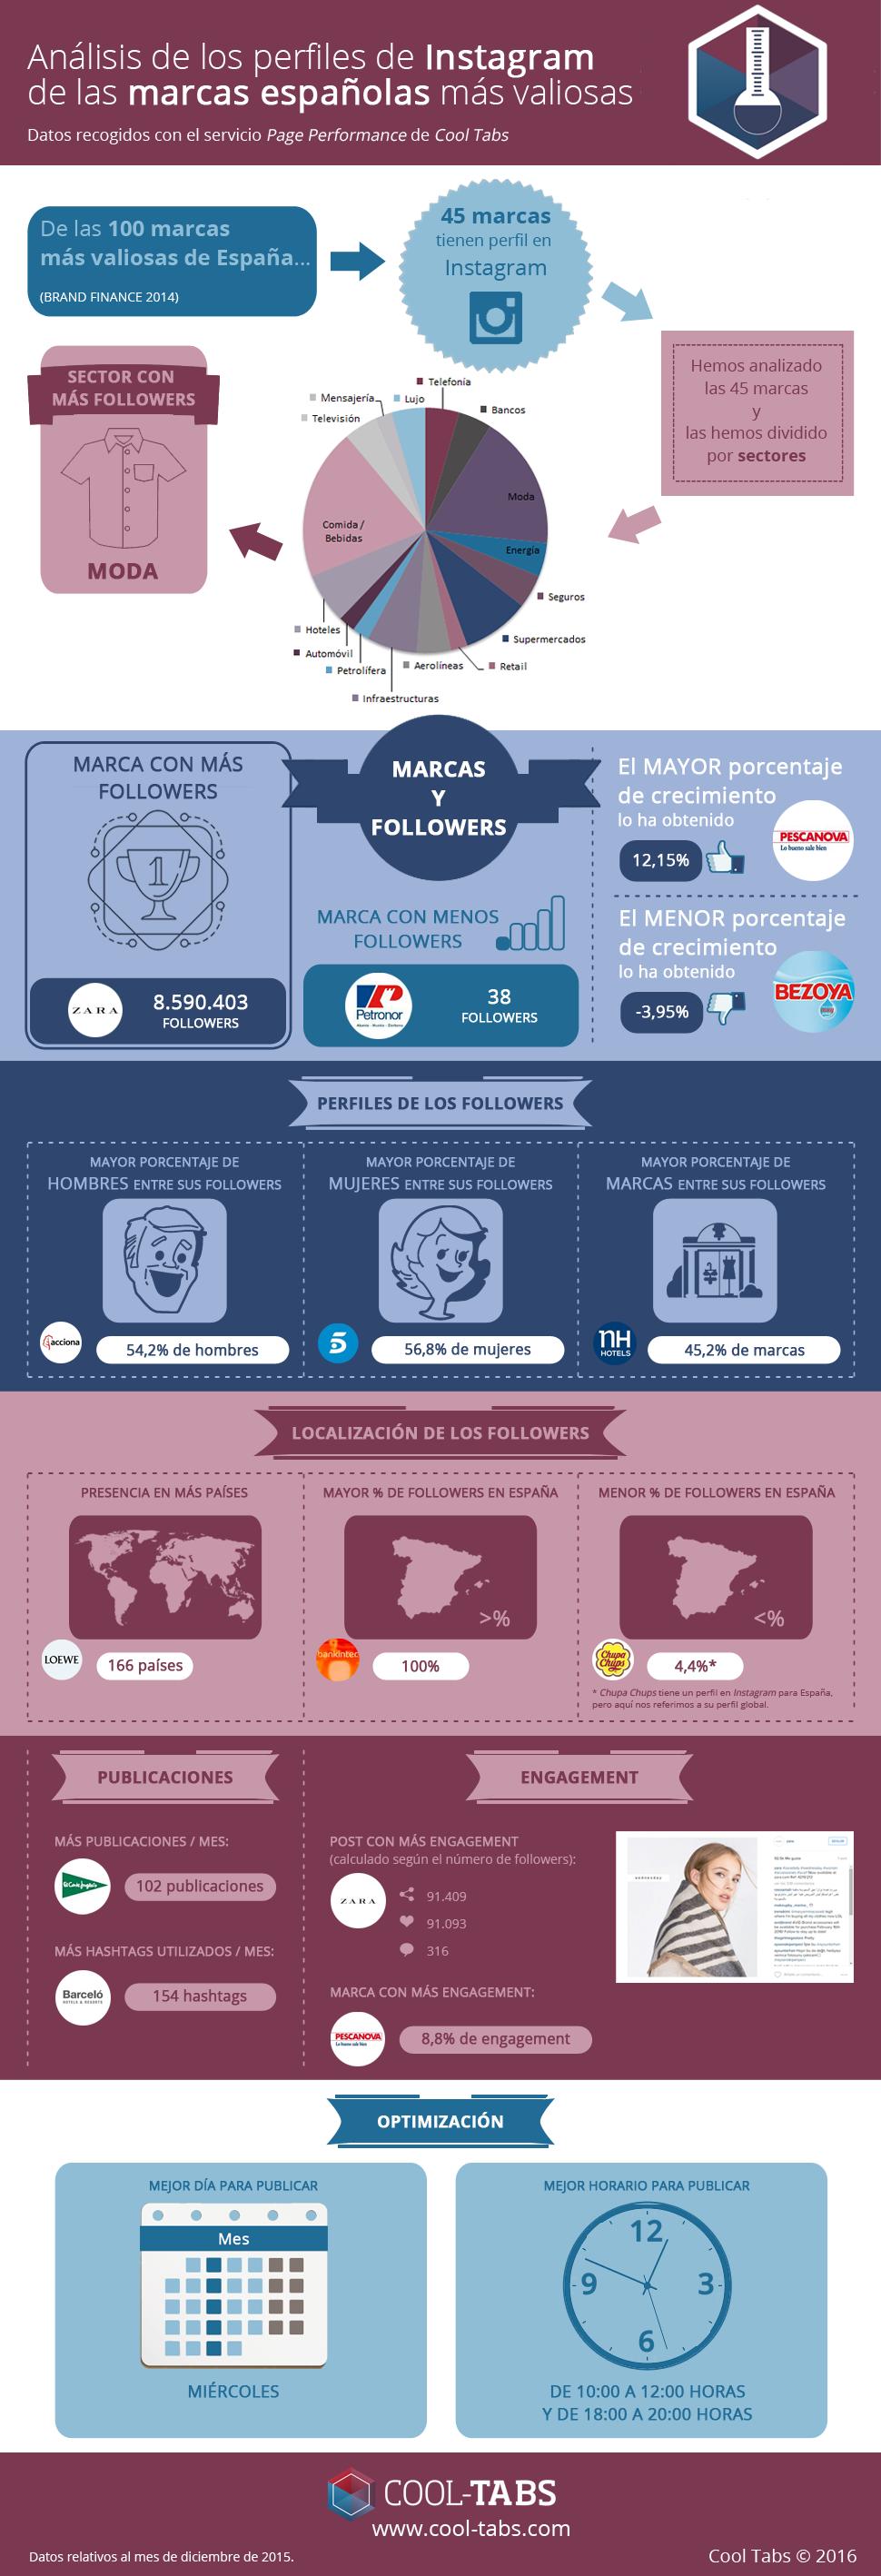 Análisis de las marcas españolas más valiosas en Instagram